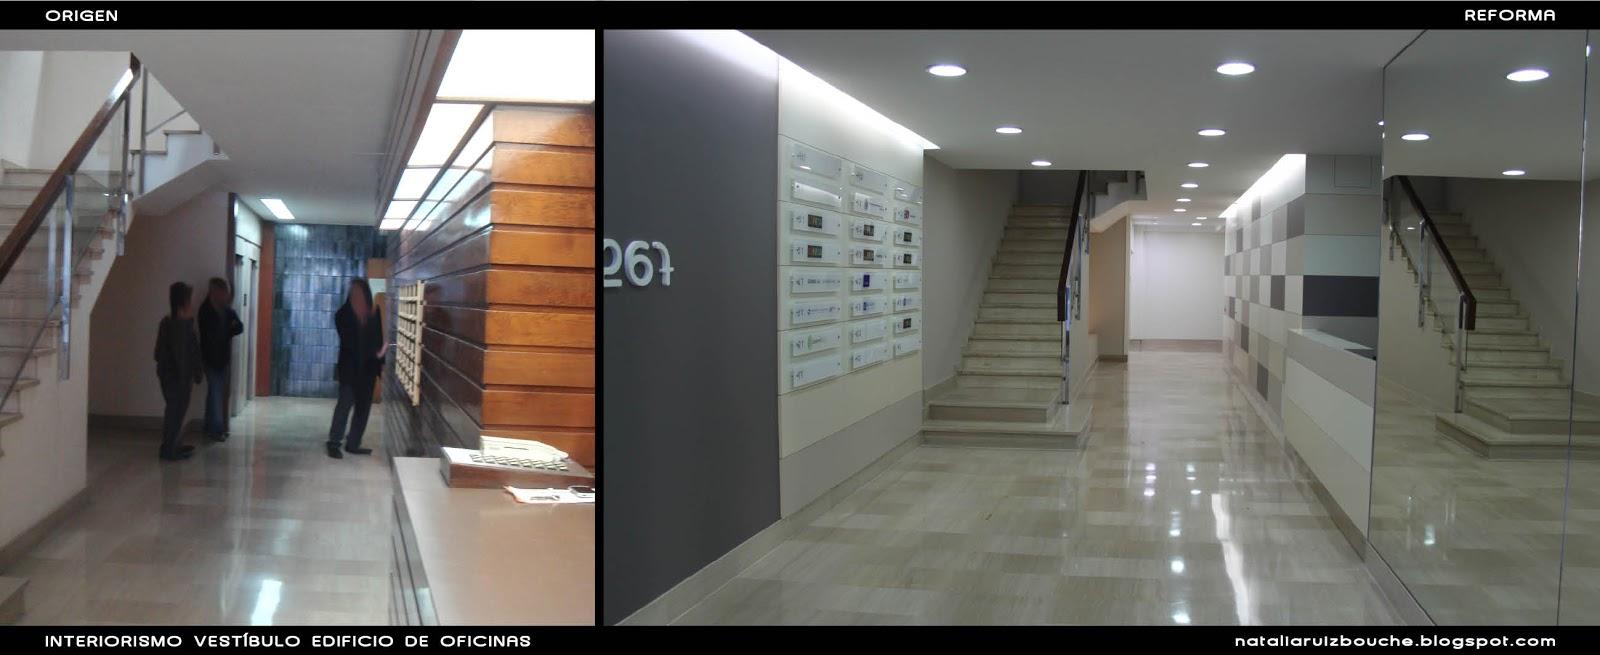 Natalia ruiz bouch reforma vest bulo edificio de for Oficina correos hospitalet